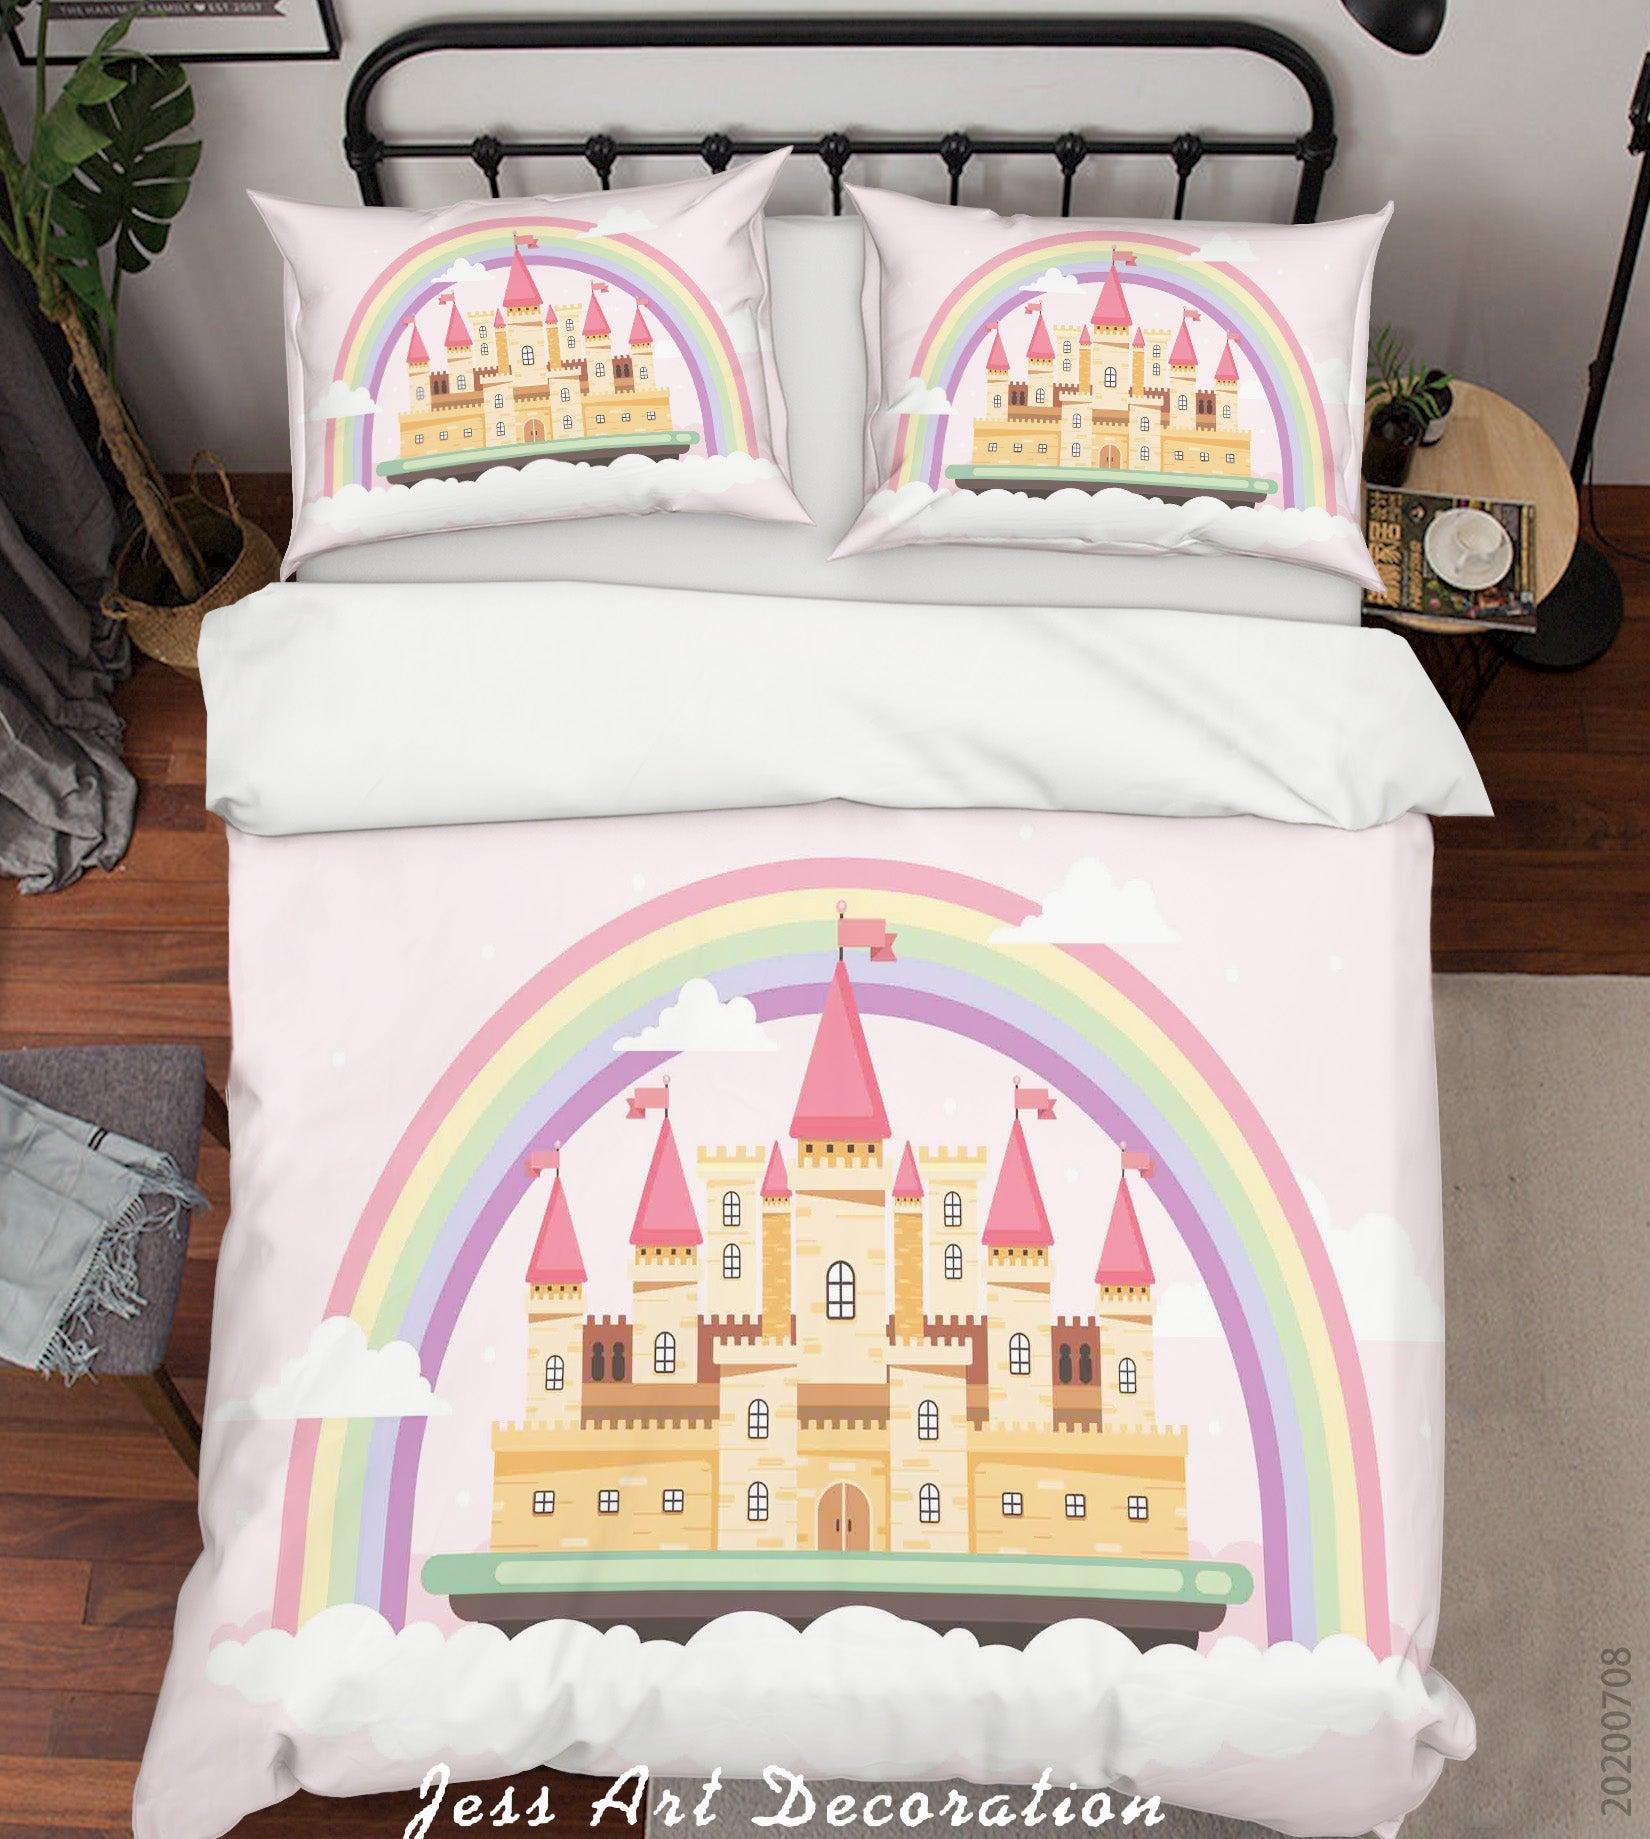 3D Castle Rainbow Quilt Cover Set Bedding Set Duvet Cover Pillowcases SF21